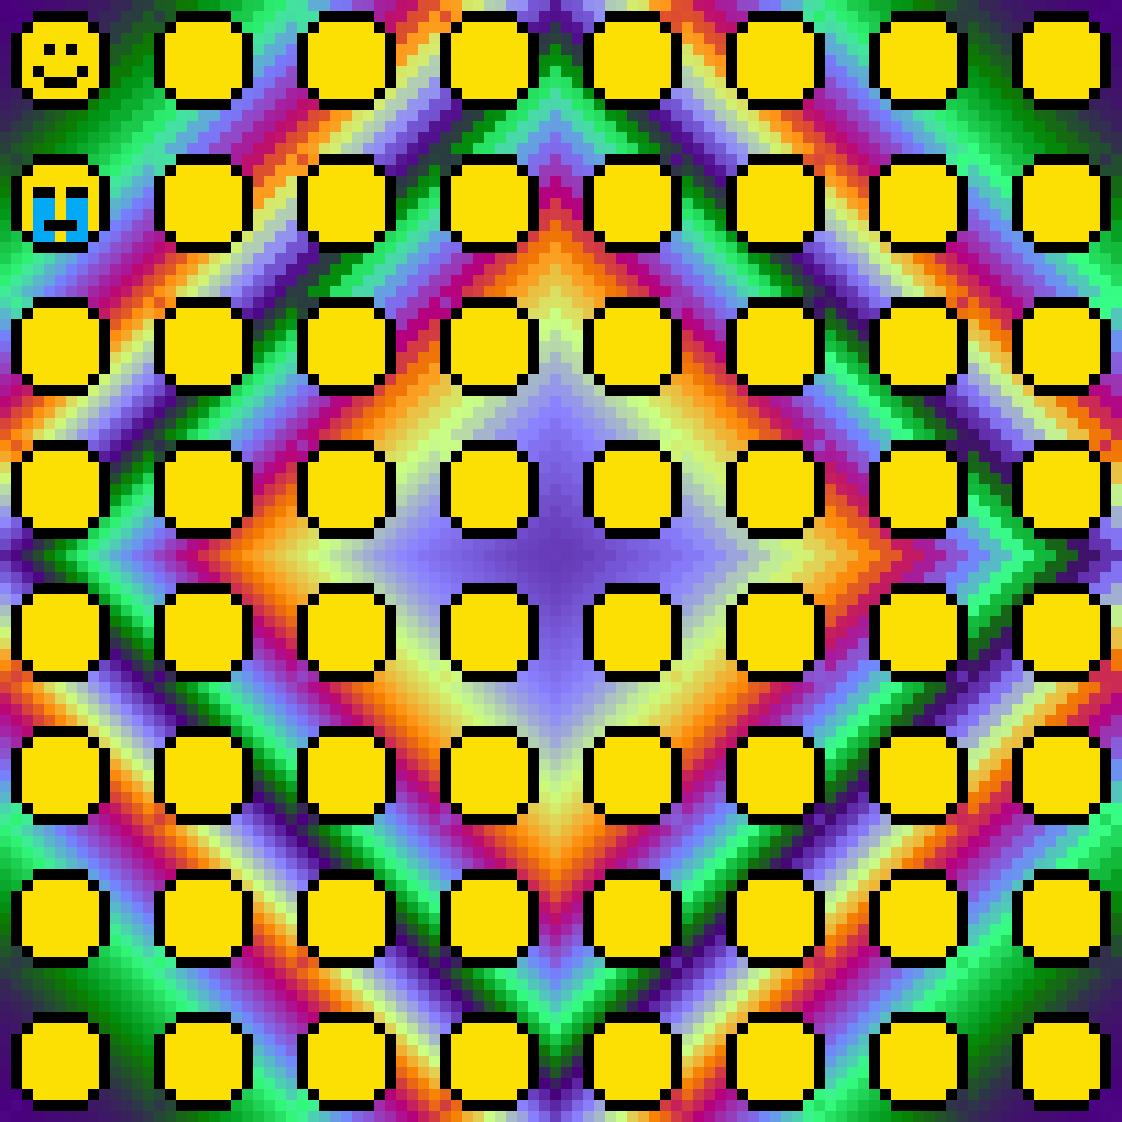 Add an emoji! by Goldenunicorn42